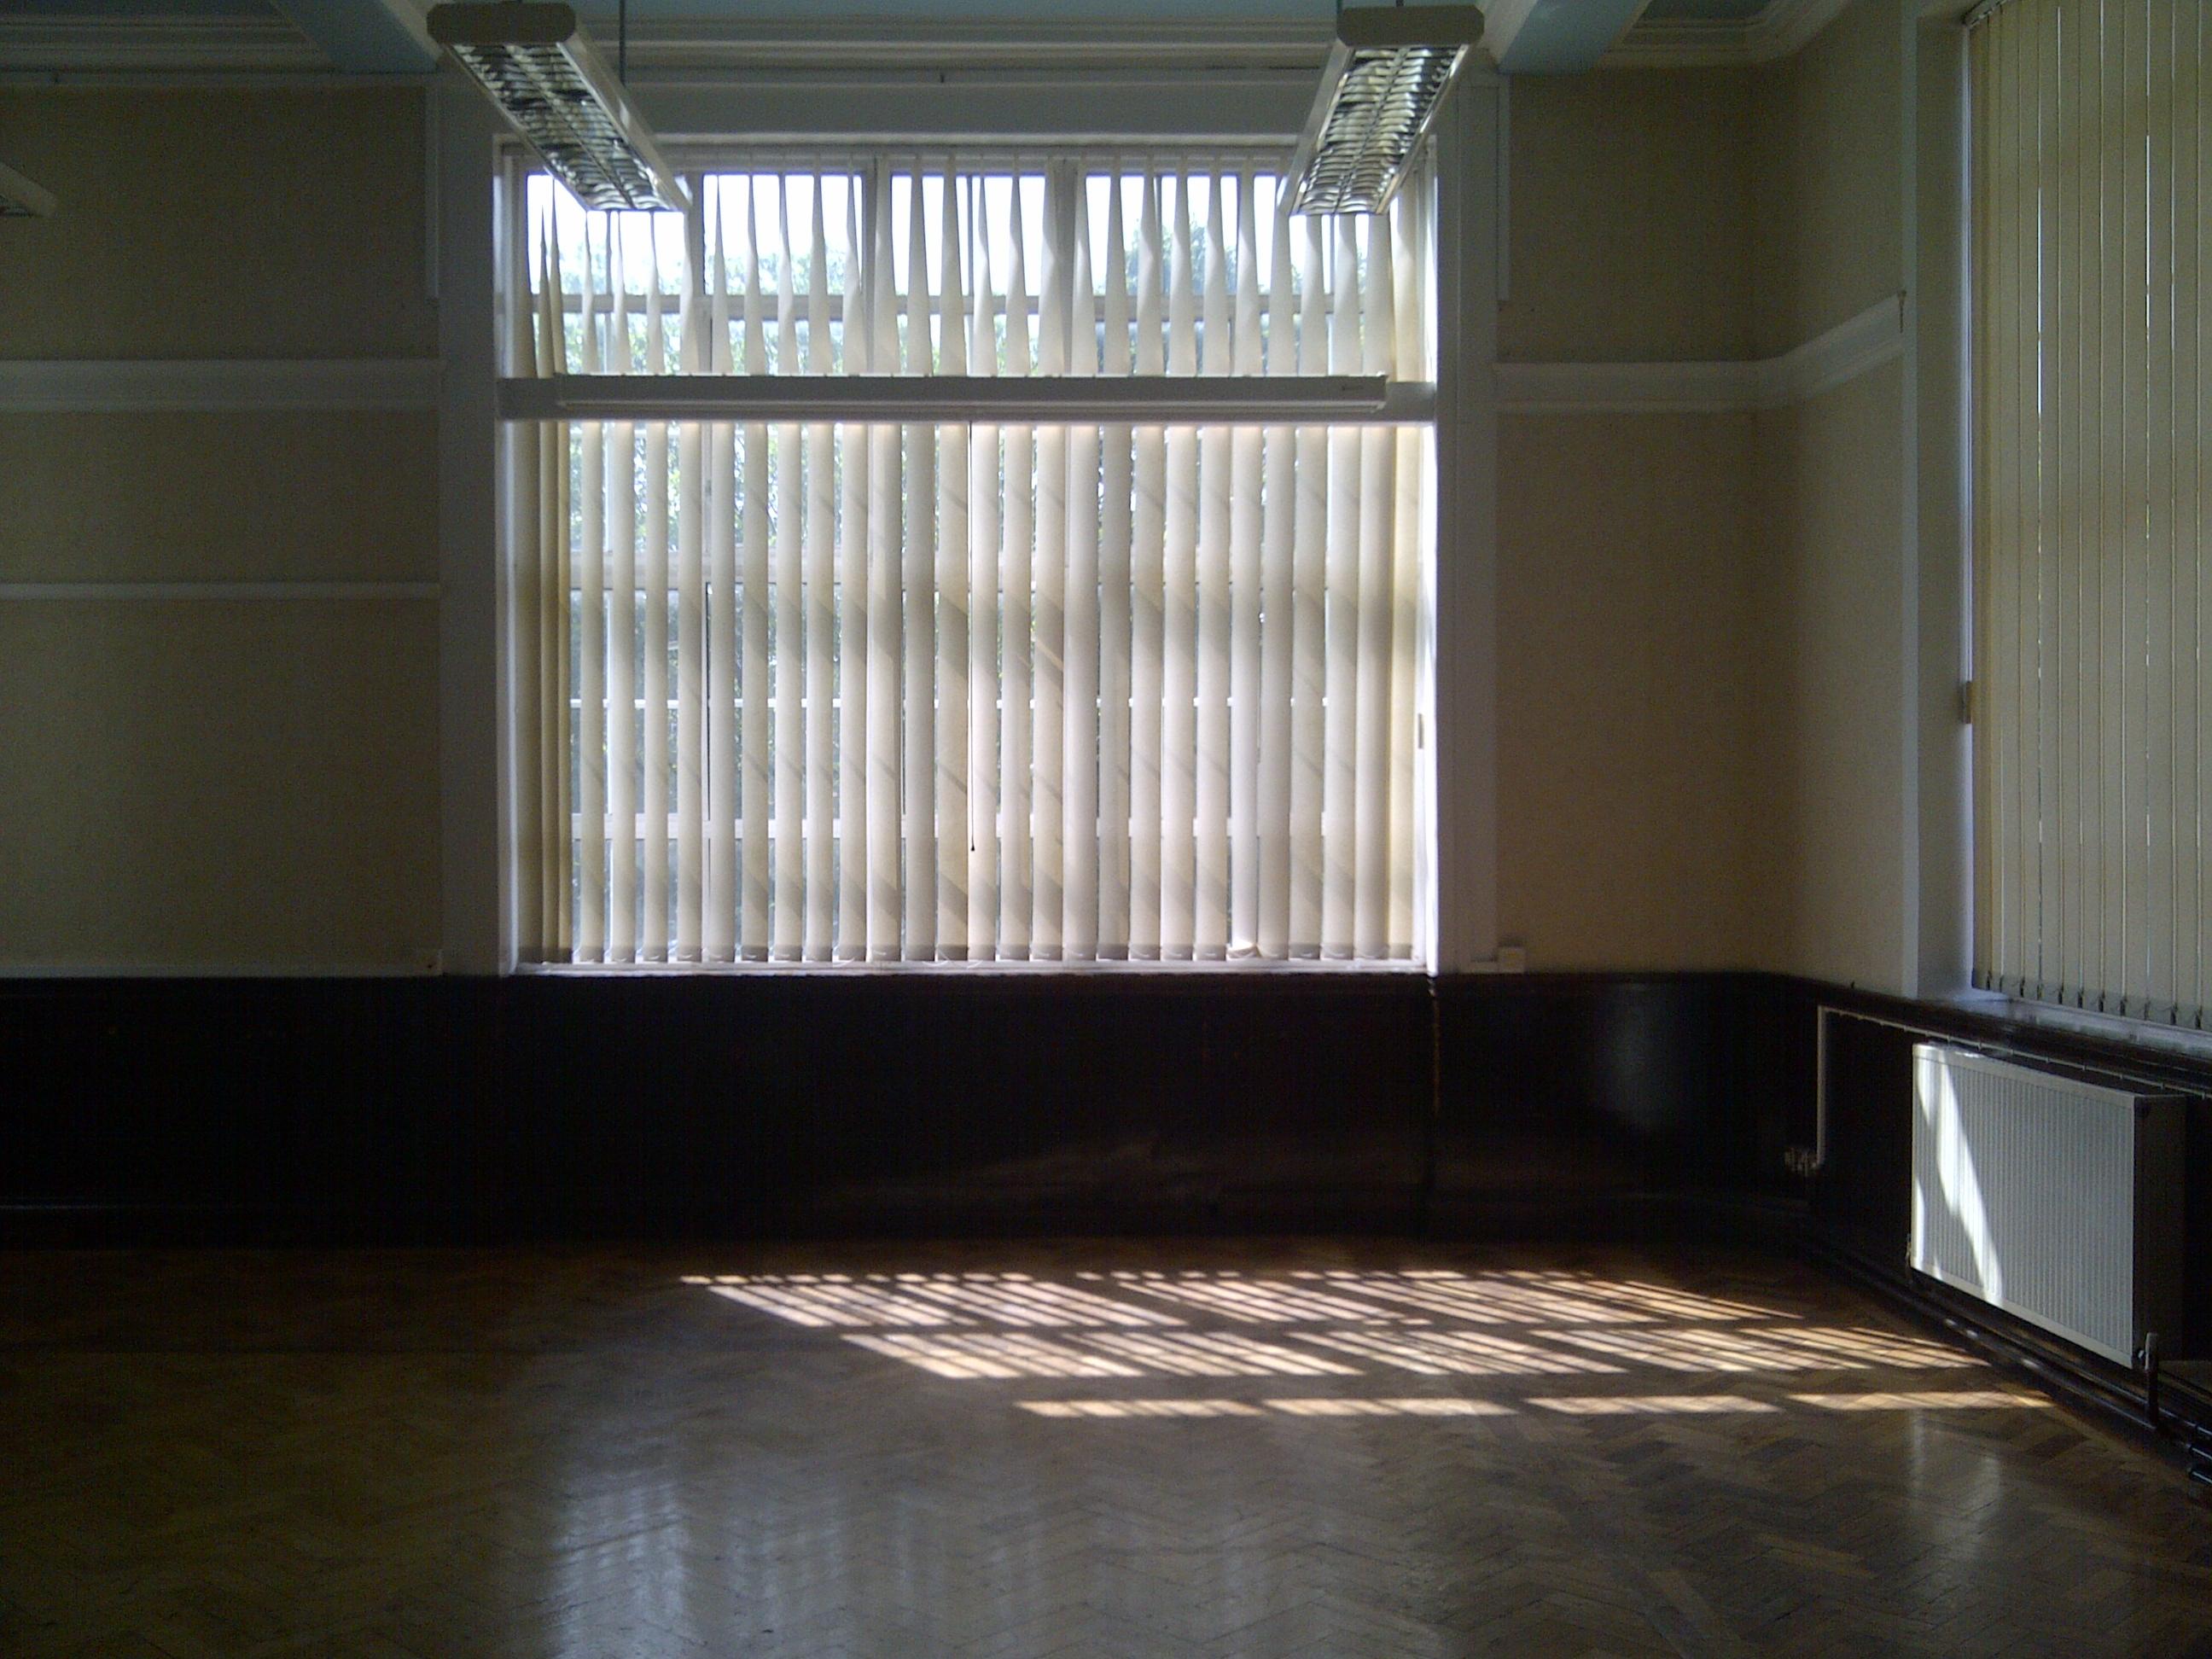 Southwark-20120808-00507